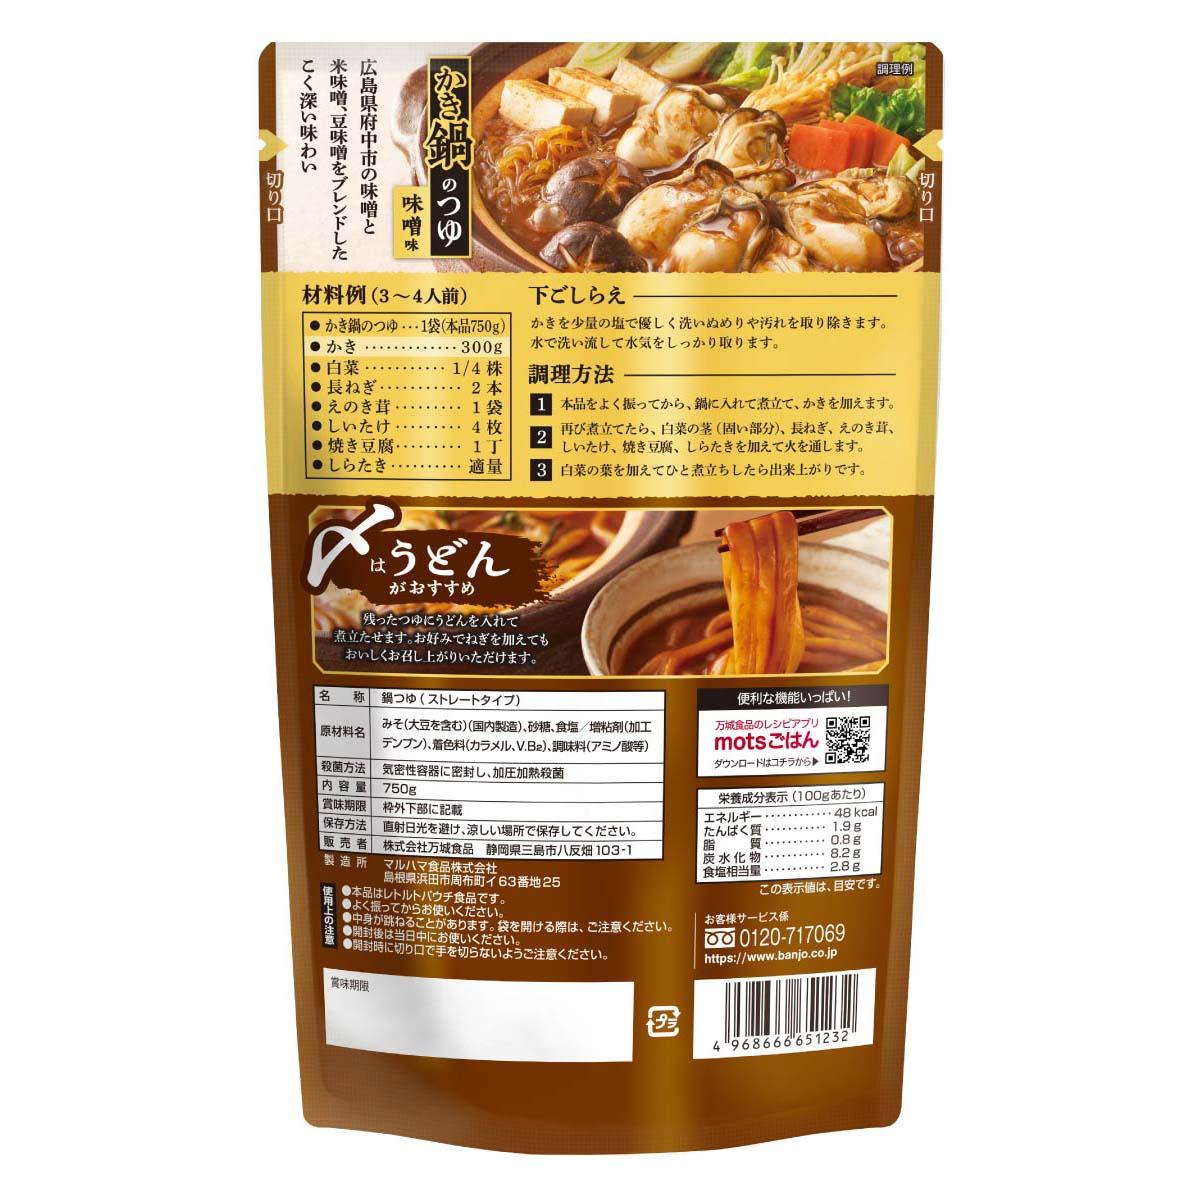 【秋冬限定】かき鍋のつゆ750g(ストレートタイプ)